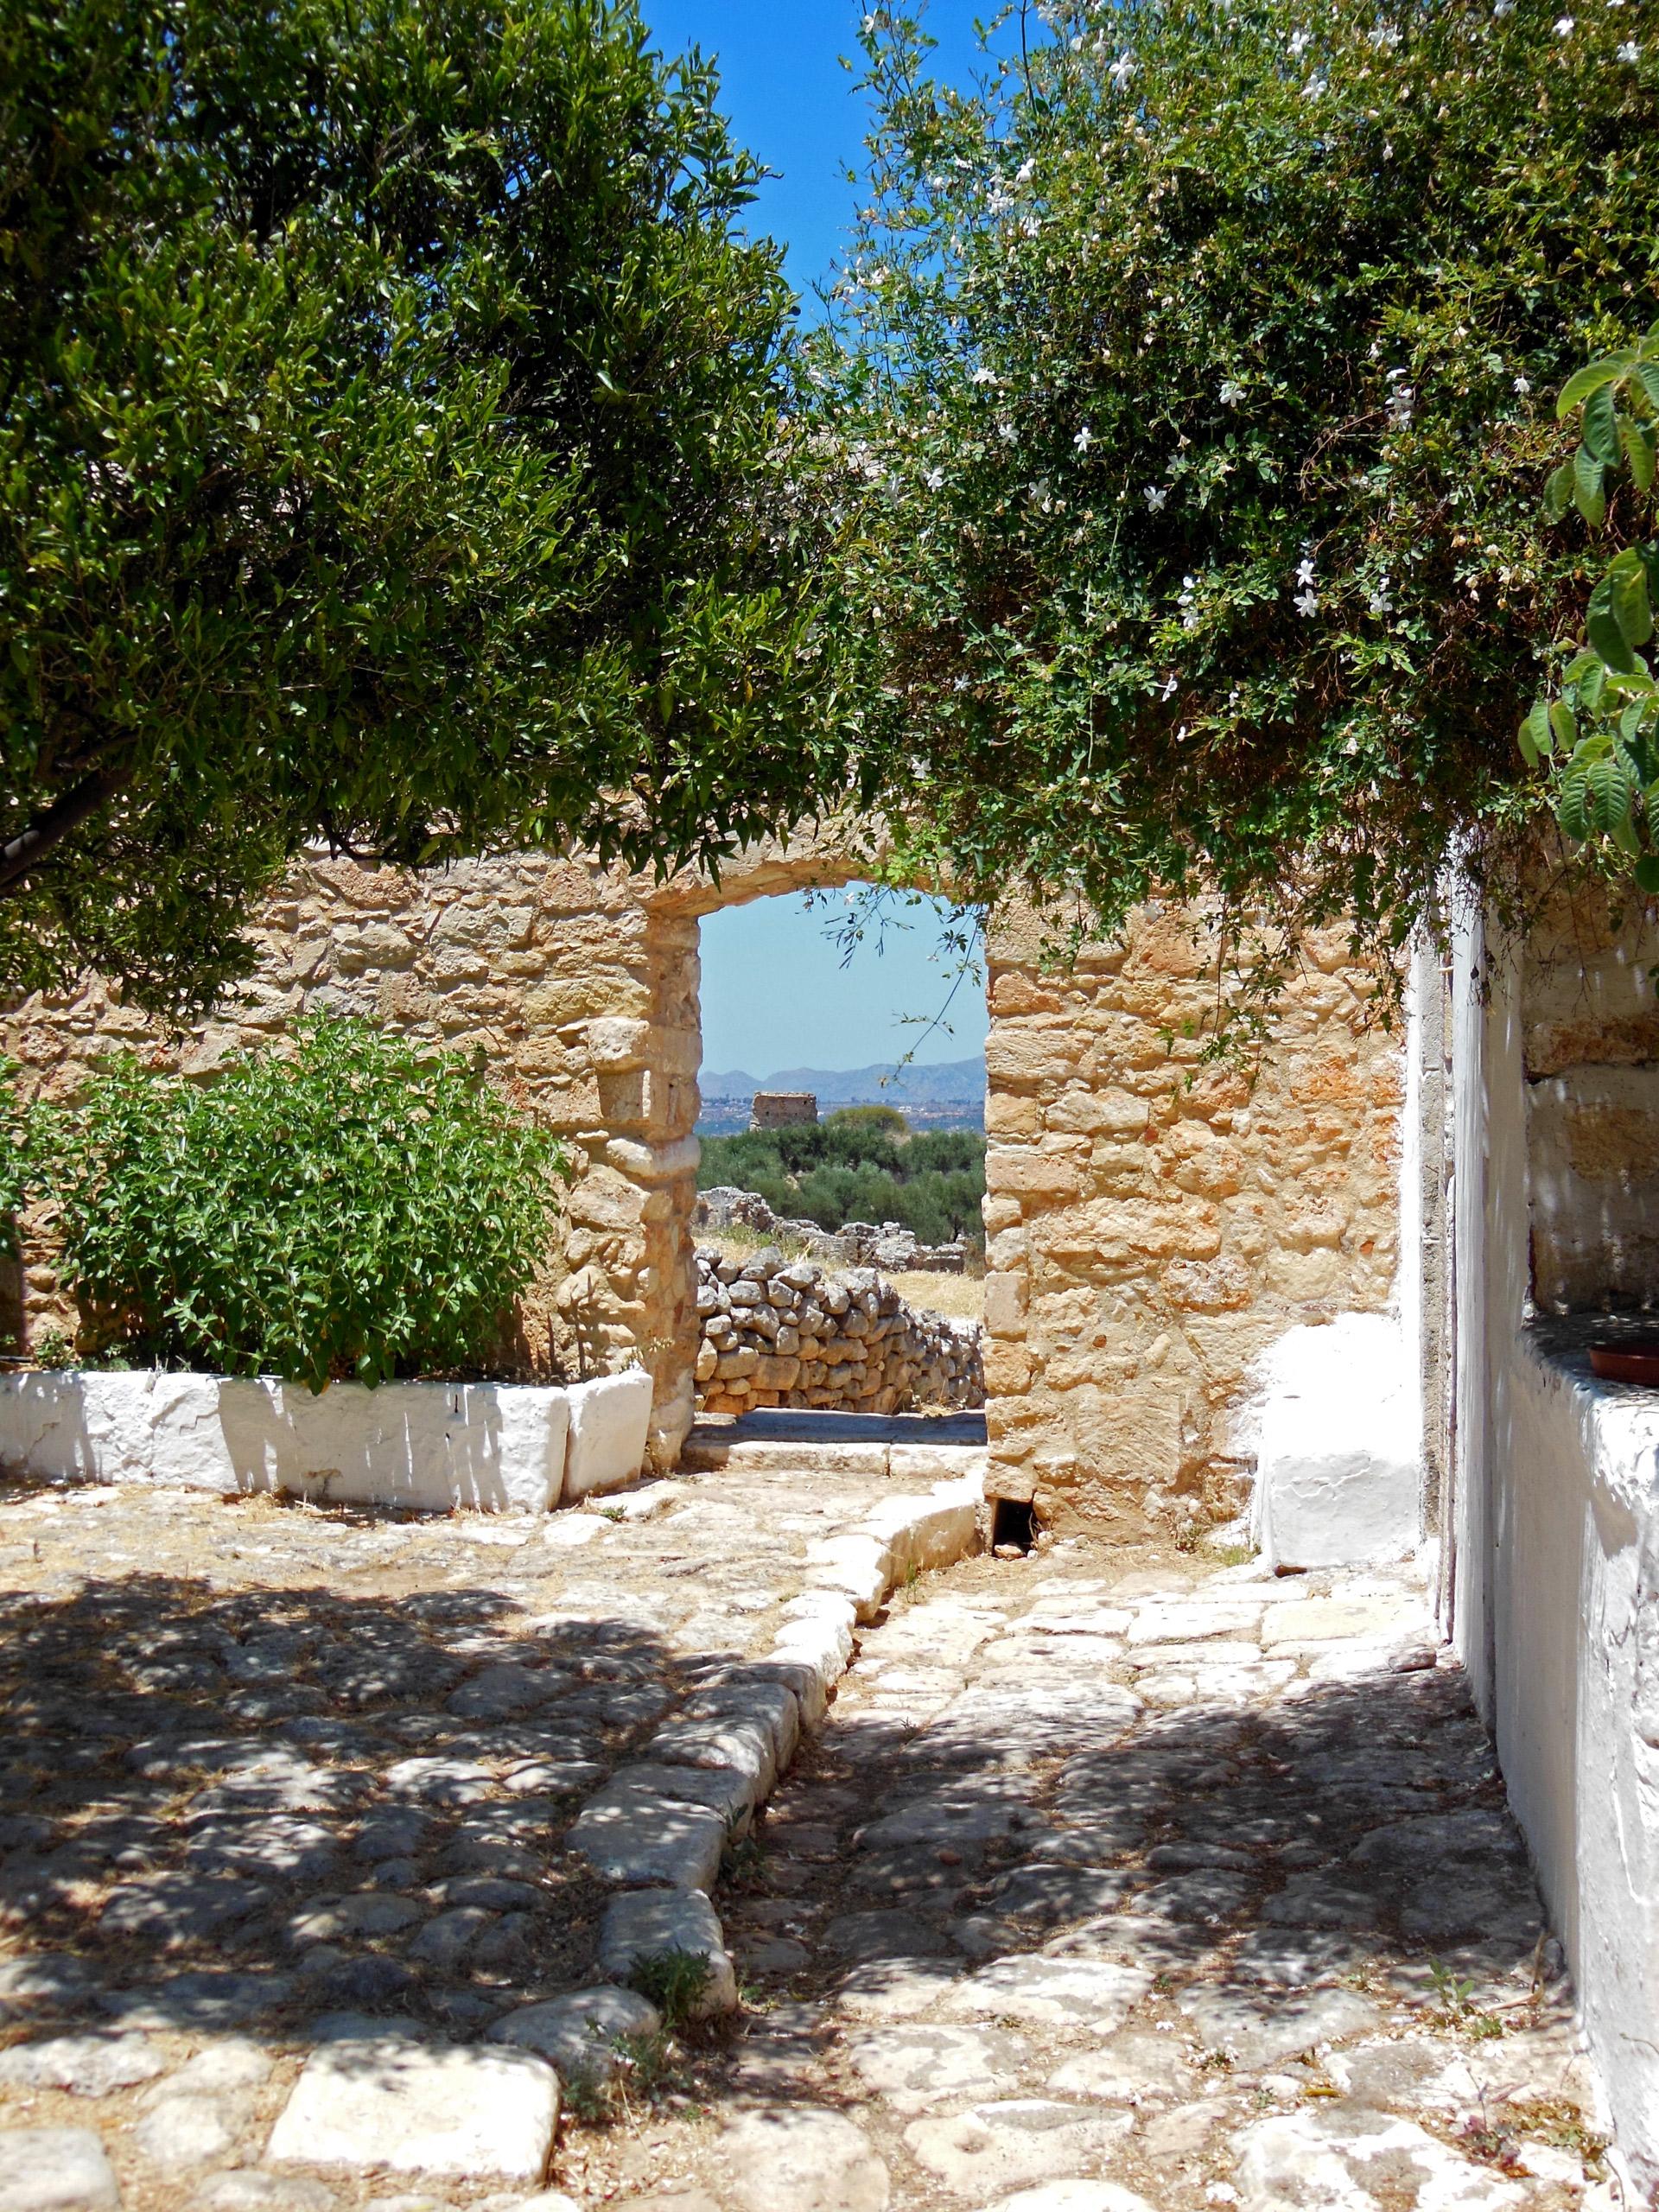 Kreta-29.06.12---13.07.12-453